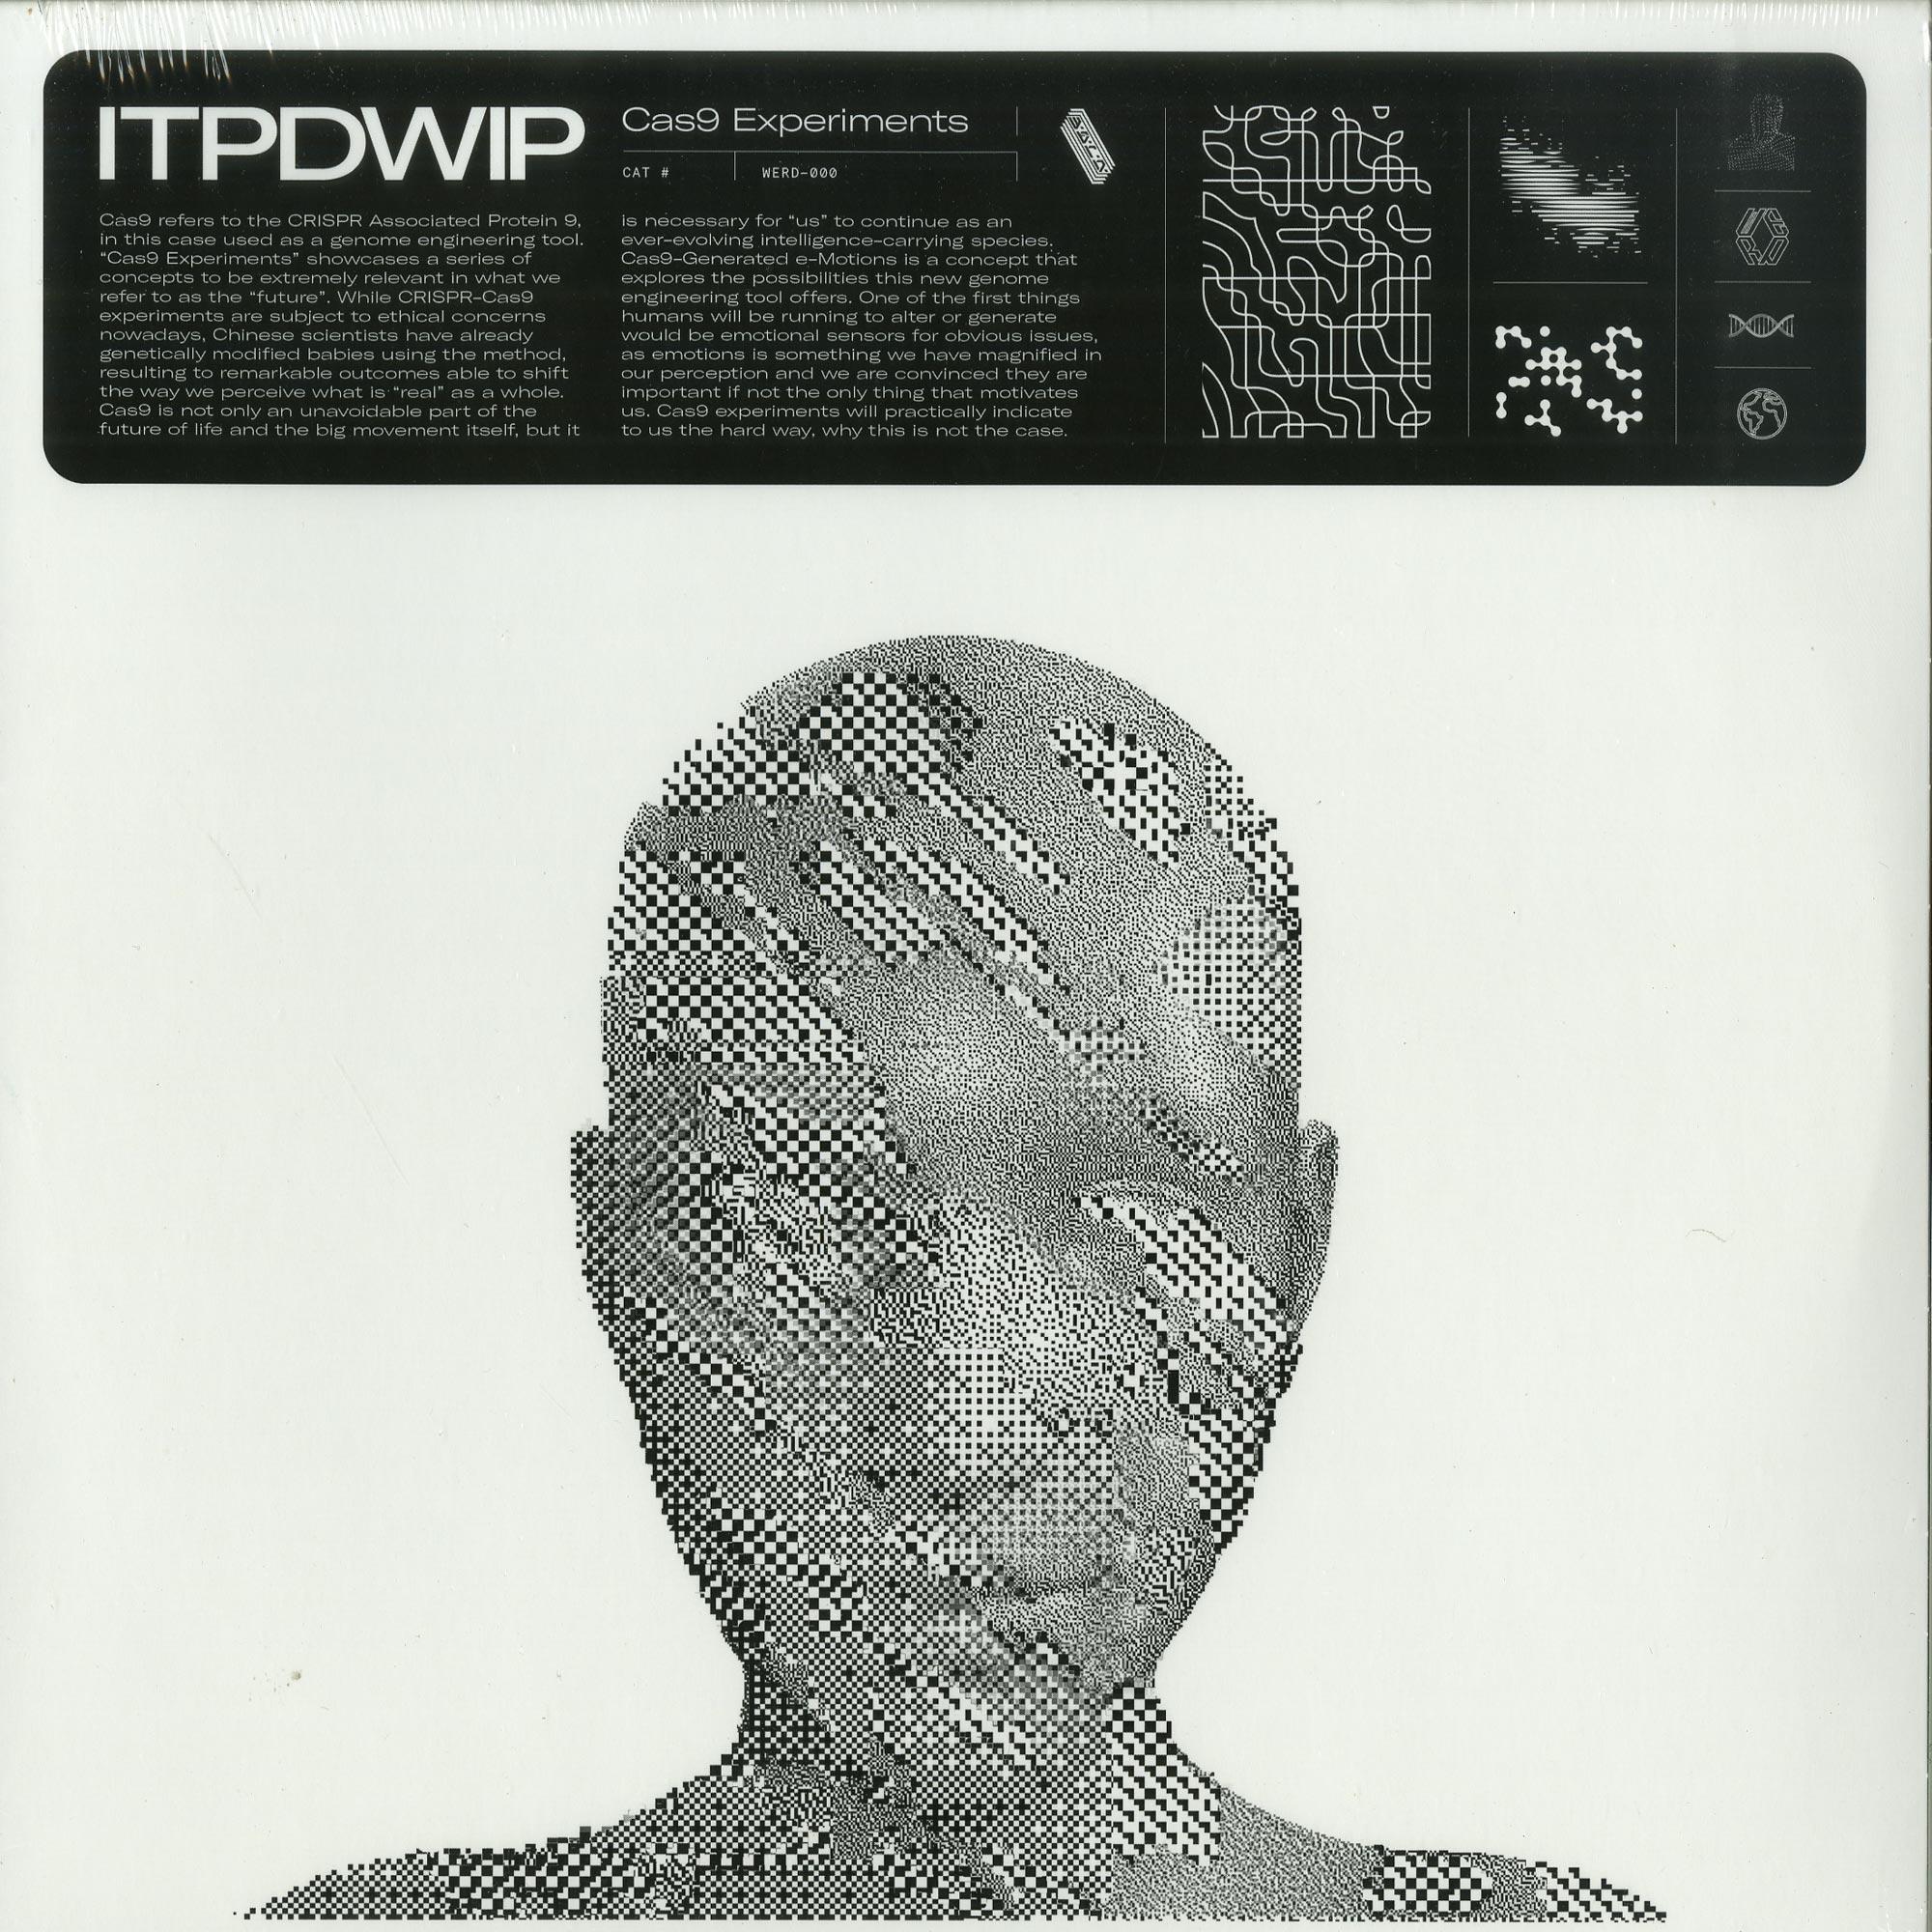 ITPDWIP - CAS9 EXPERIMENTS